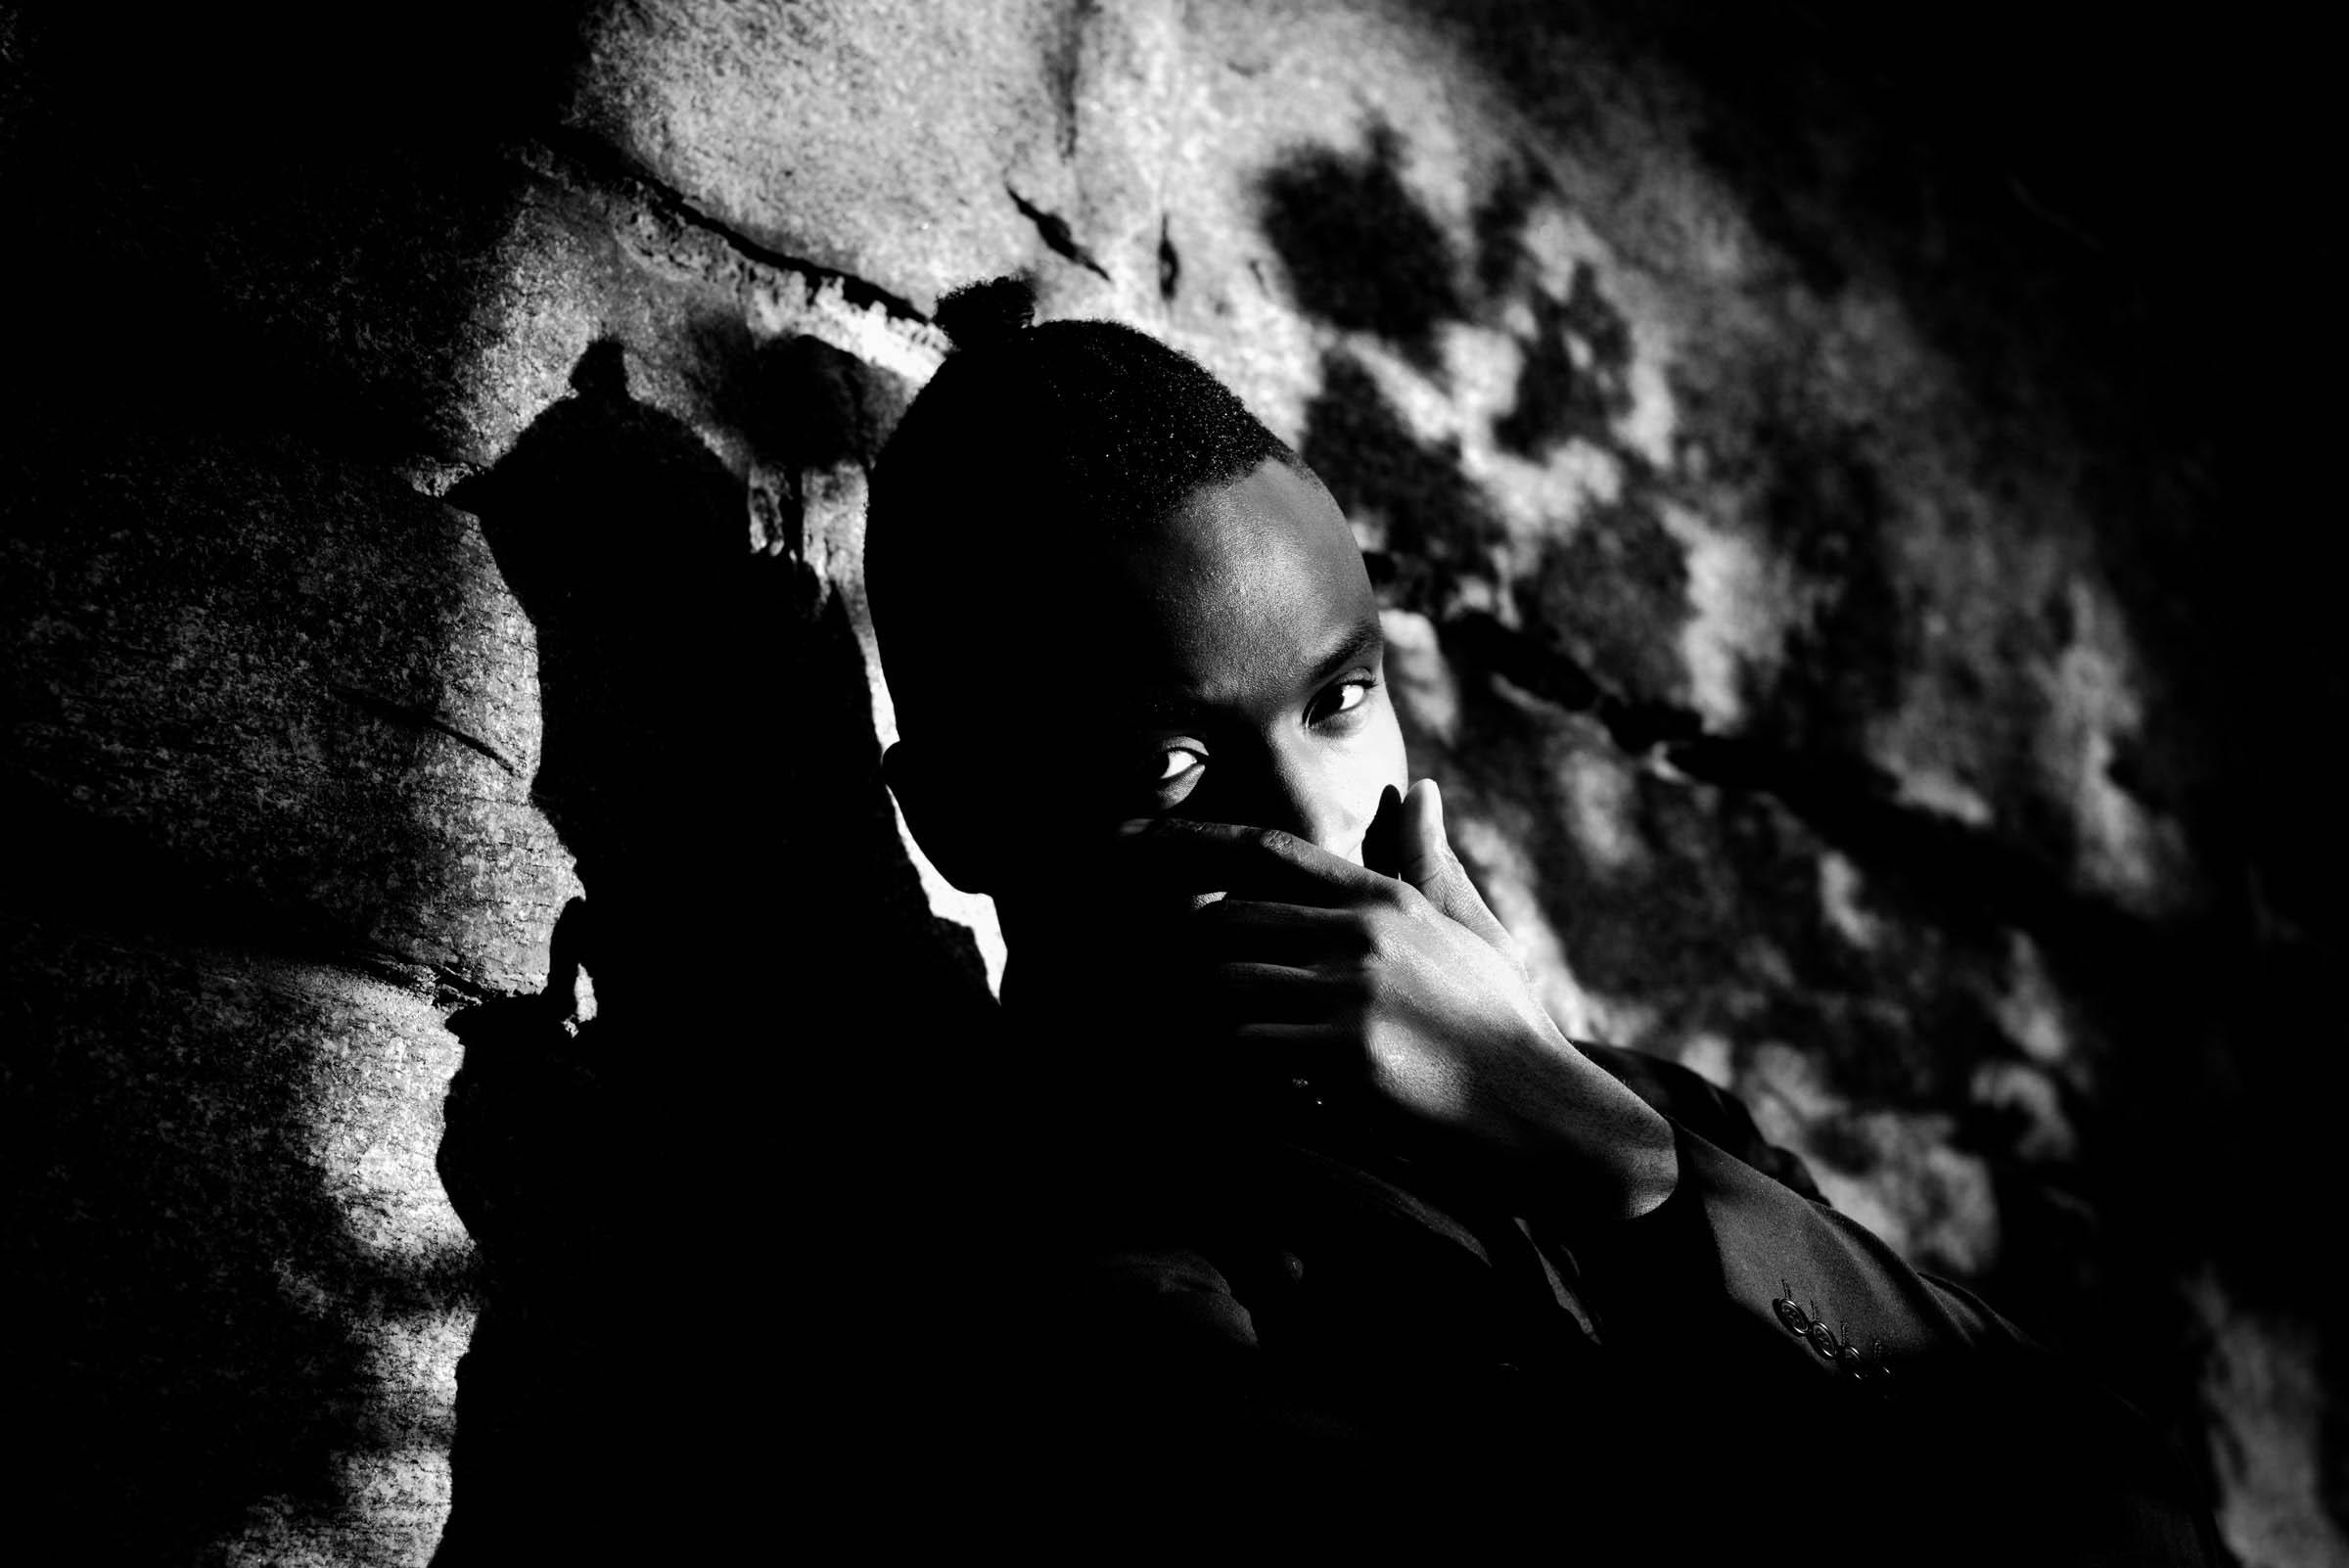 фотосъемка сердце черного мужчины